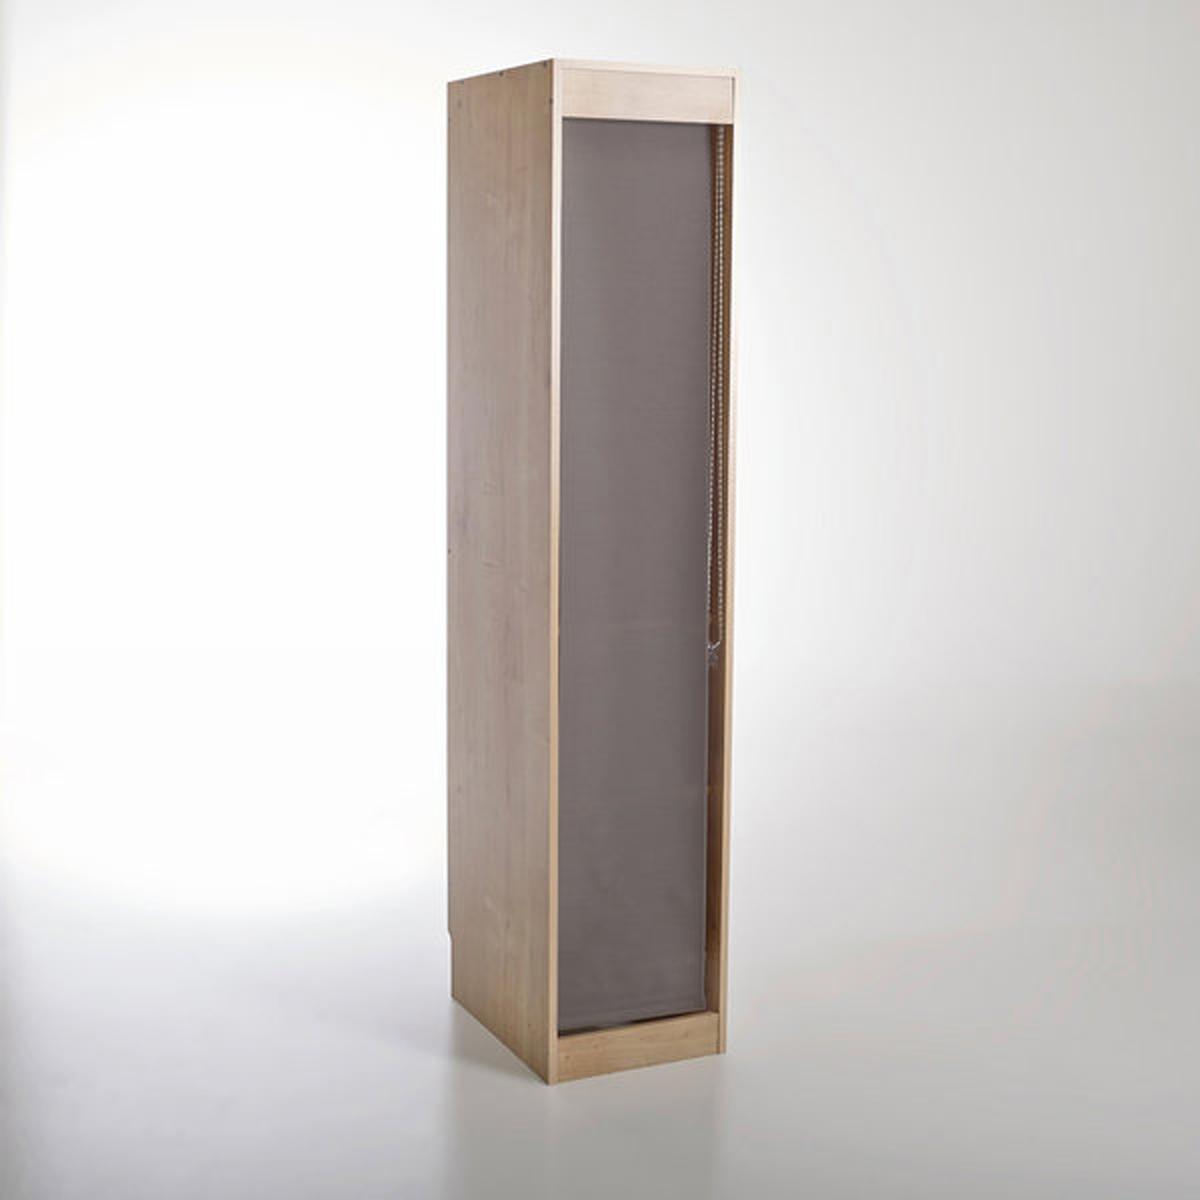 Штора для гардеробной, BUILDОписание шторы для гардеробной, Build :Рулонная система.После крепления шторы к мебели механизм не видно.Характеристики шторы Build :Полотно из 100% полиэстера.Найдите модули для хранения и другие предметы из коллекции Build на сайте laredoute..Размеры шторы Build :Однотонная модель :Размер 3 : 33 x 190 см (код1 1) Размер шторы 33 см, подходит для модуля Build Taille 36 см Размер 1 : 74 x 190 см (код 3) Размер шторы 74 см, подходит для модуля Build Taille 100 см Размер 2  : 96 x 190 см (код 2) Размер шторы 96 см, подходит для углового модуля Build Taille 100 см Размер 4 : 63 x 190 см (код 4) Размер шторы 63 см, подходит для модуля  Build Taille 69 см<br><br>Цвет: серый